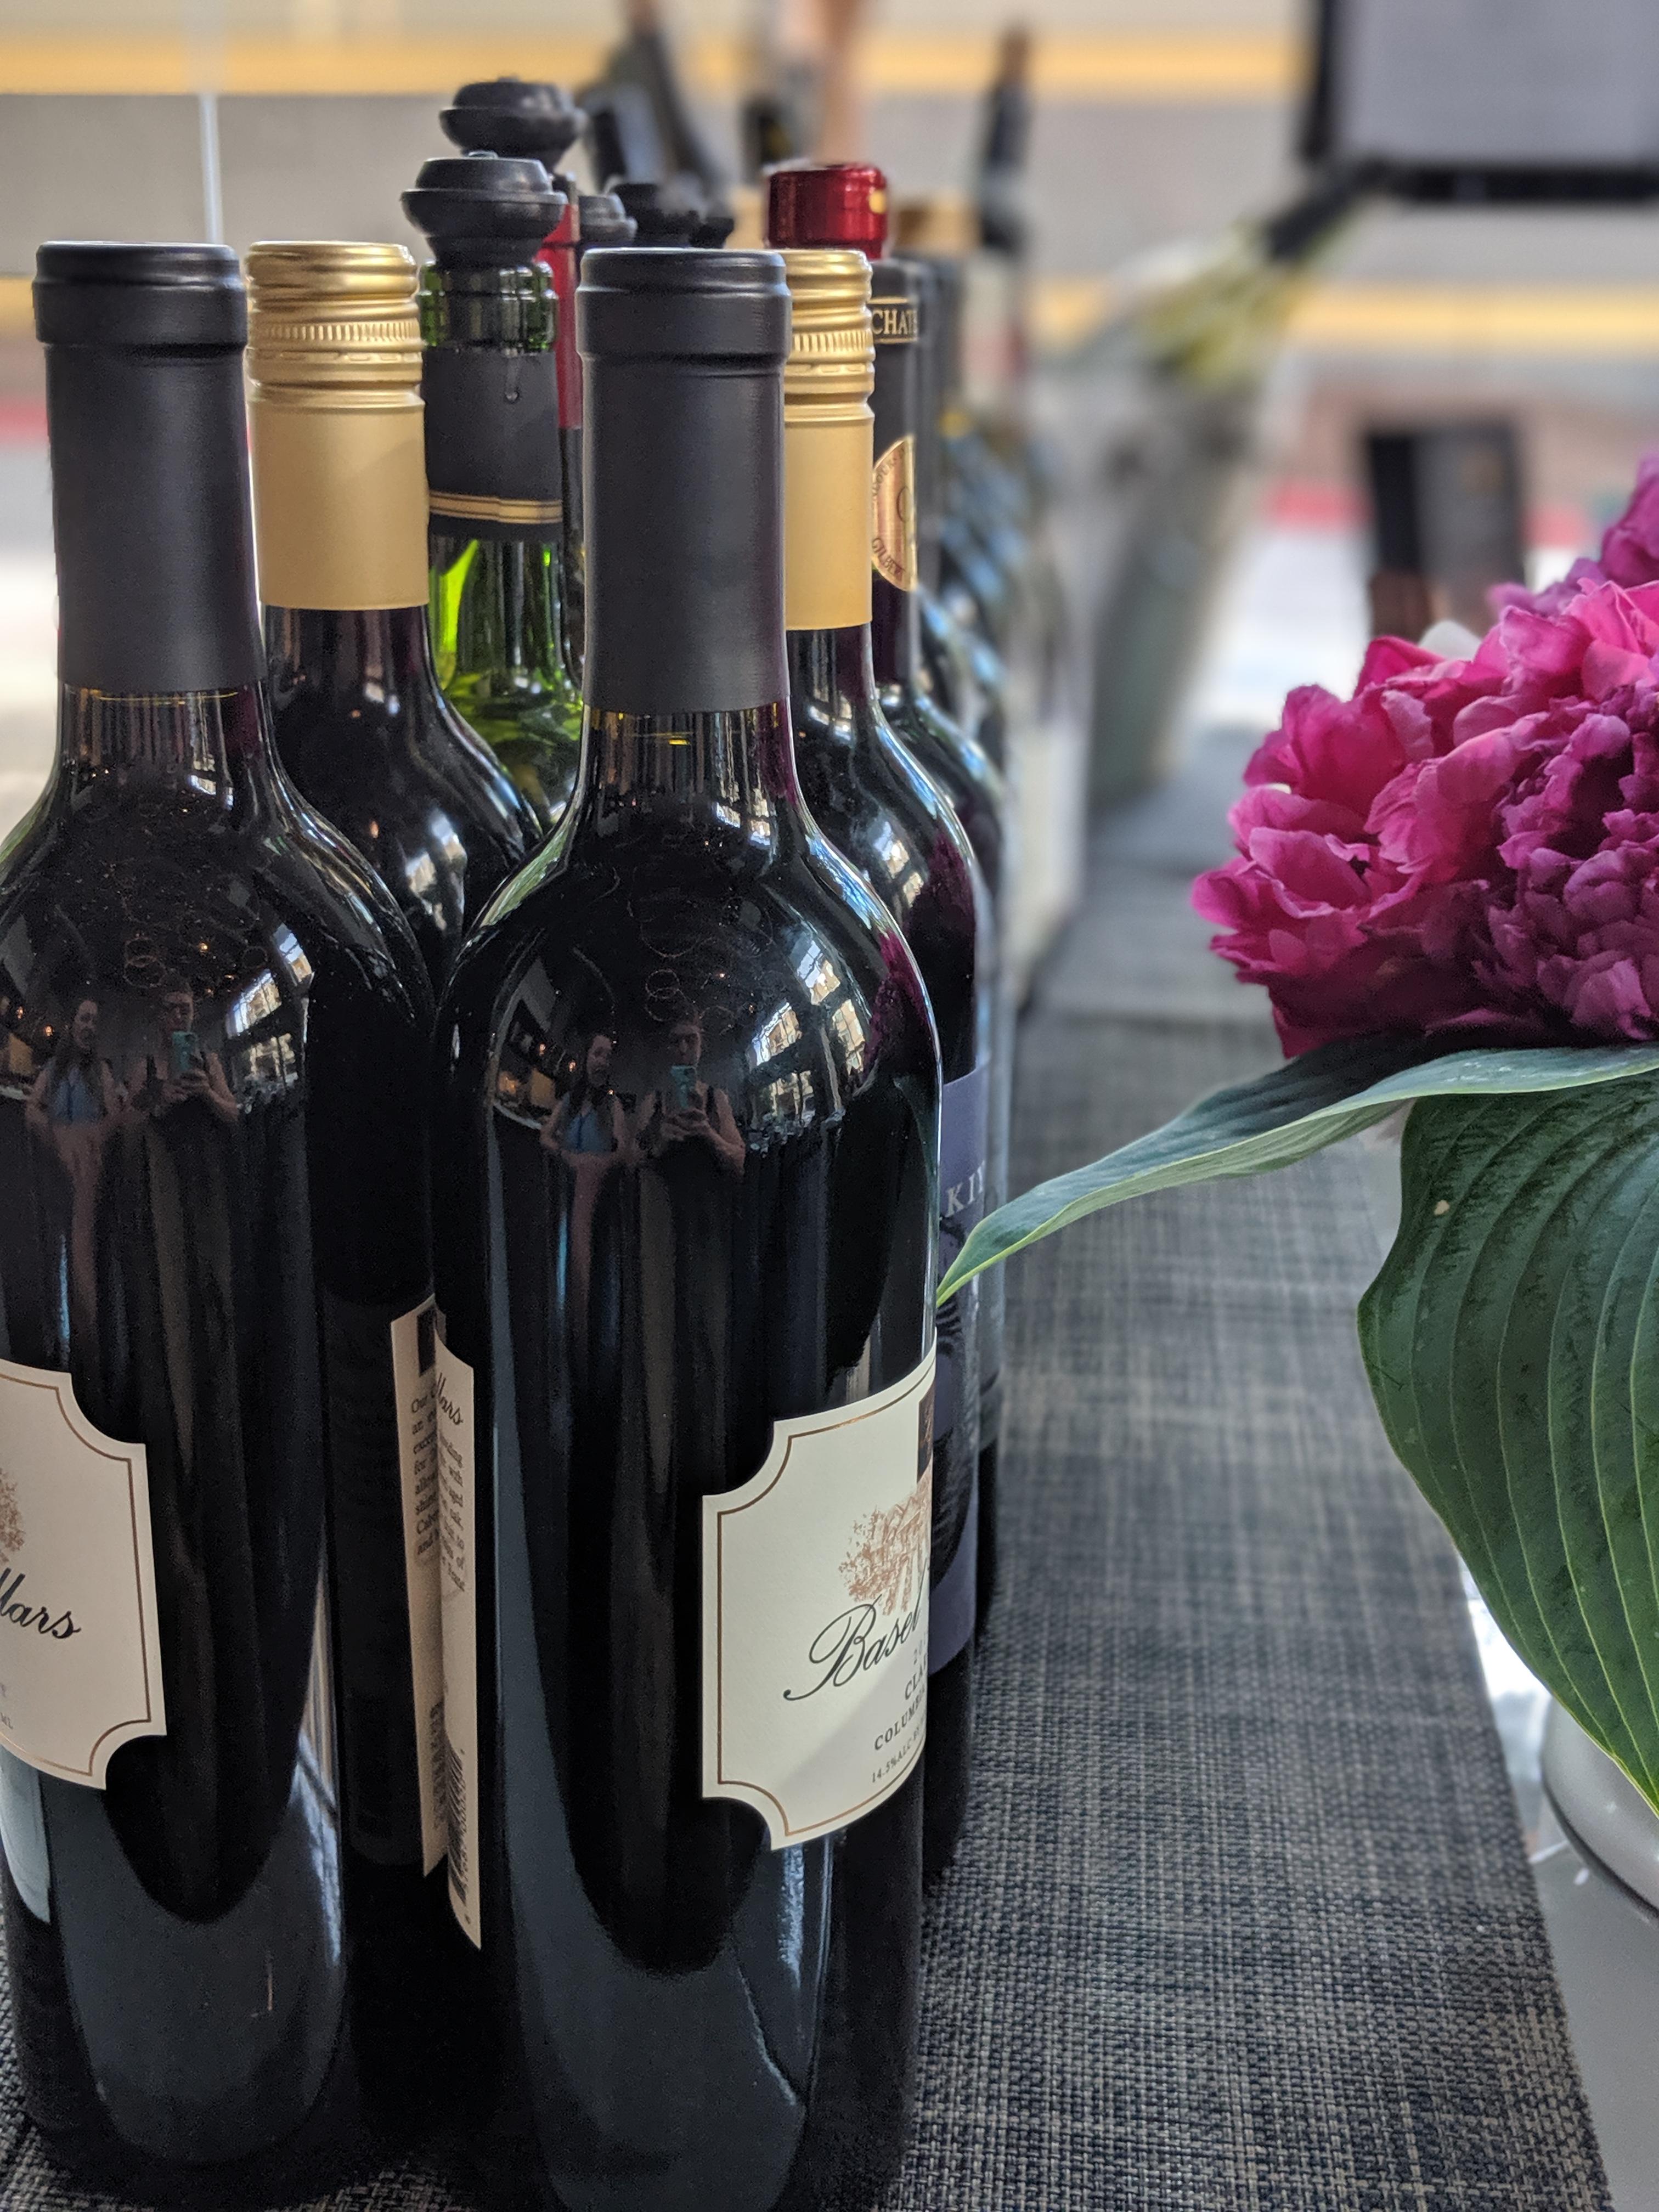 Caruccio's Culinary and Wine